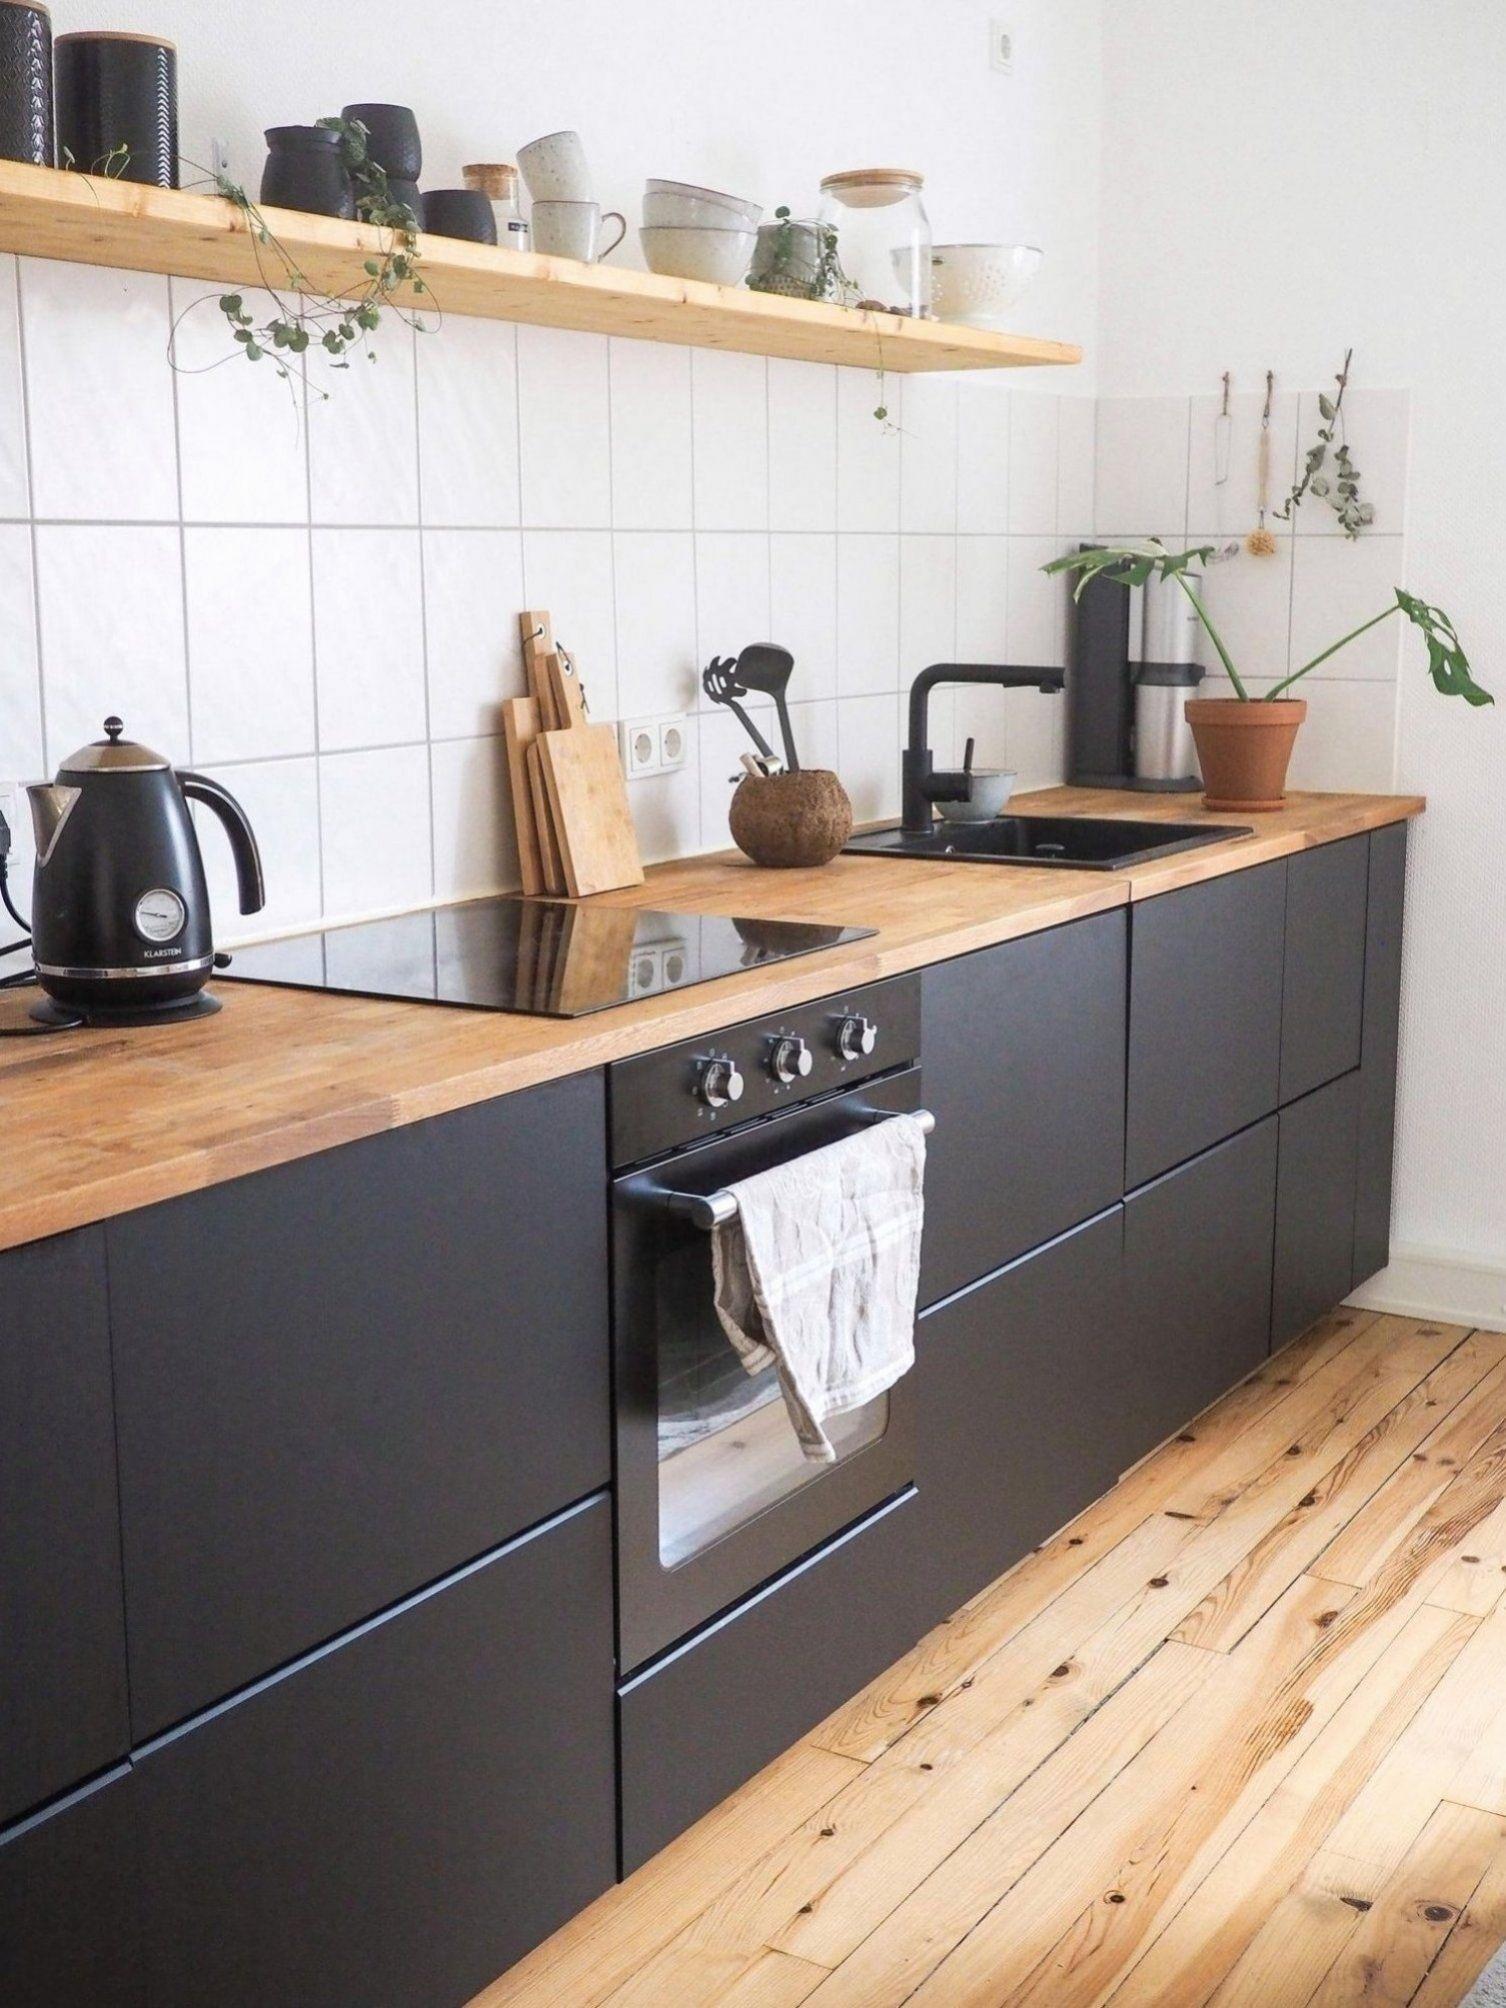 küche mit regal 🌟 # küche # kochen in 2020 | kitchen